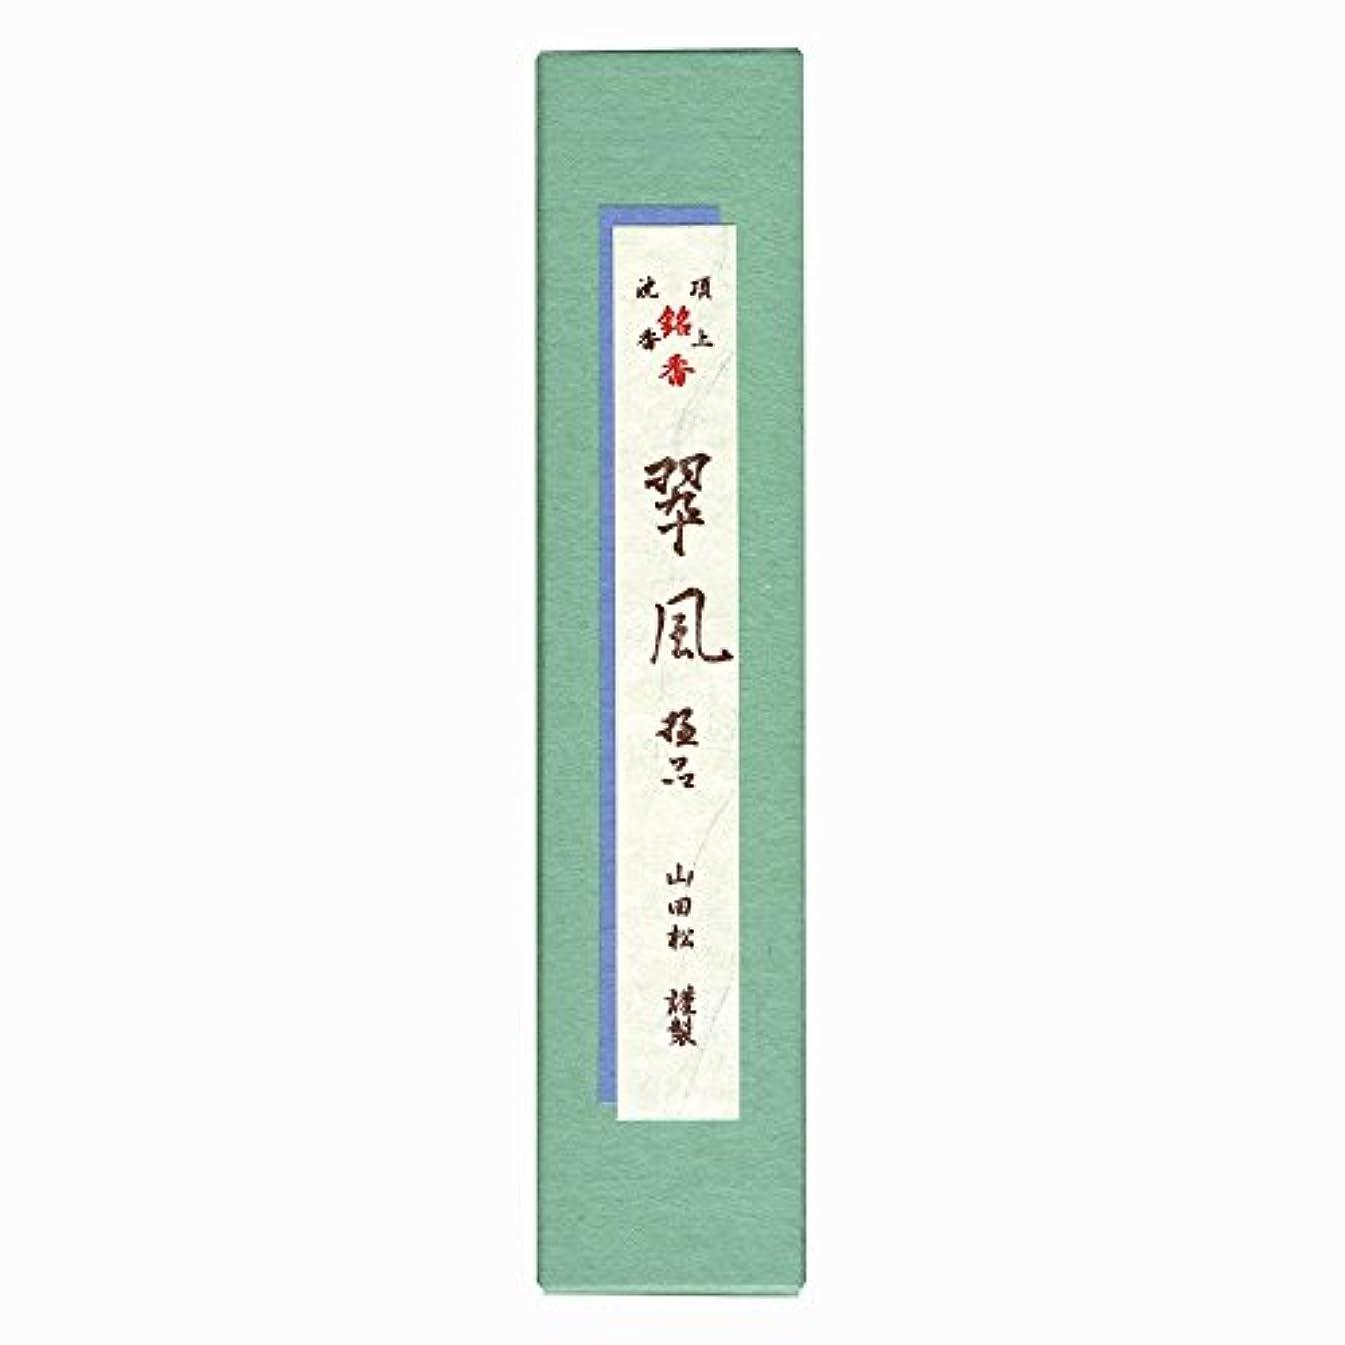 自分国籍チャレンジ翠風(極品) 短寸(5寸) 紙箱入